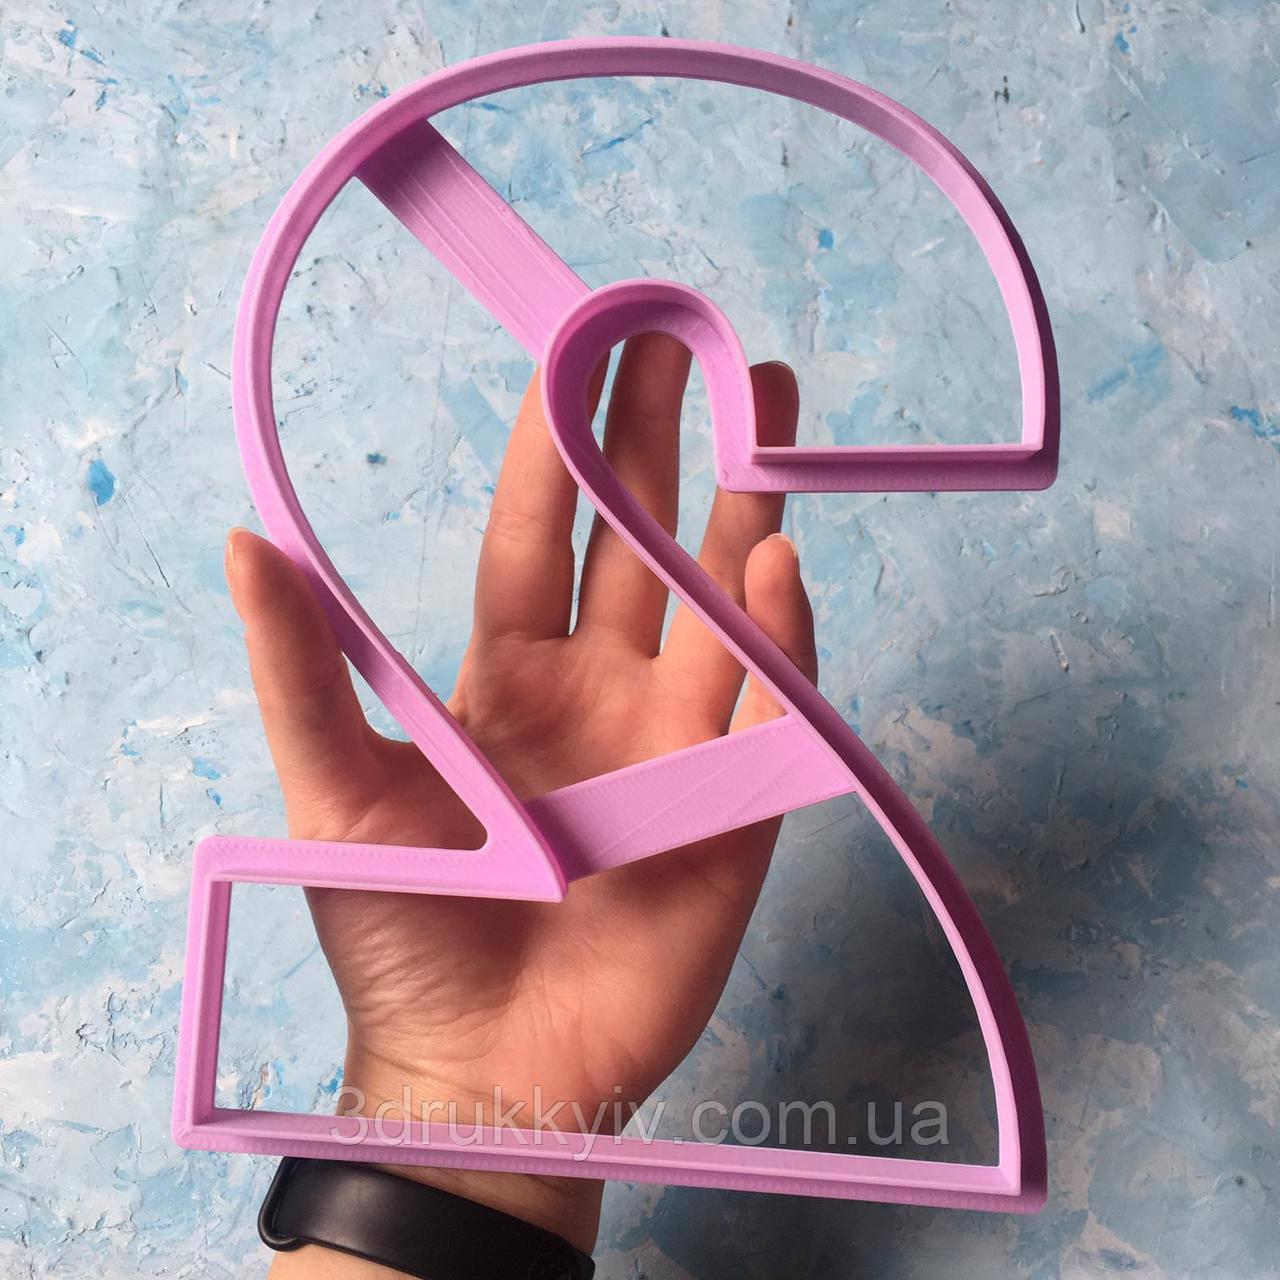 Вирубка ТОРТ - ЦИФРА 2 20см. #2 / Вырубка - формочка для торта - цифры 20 см.